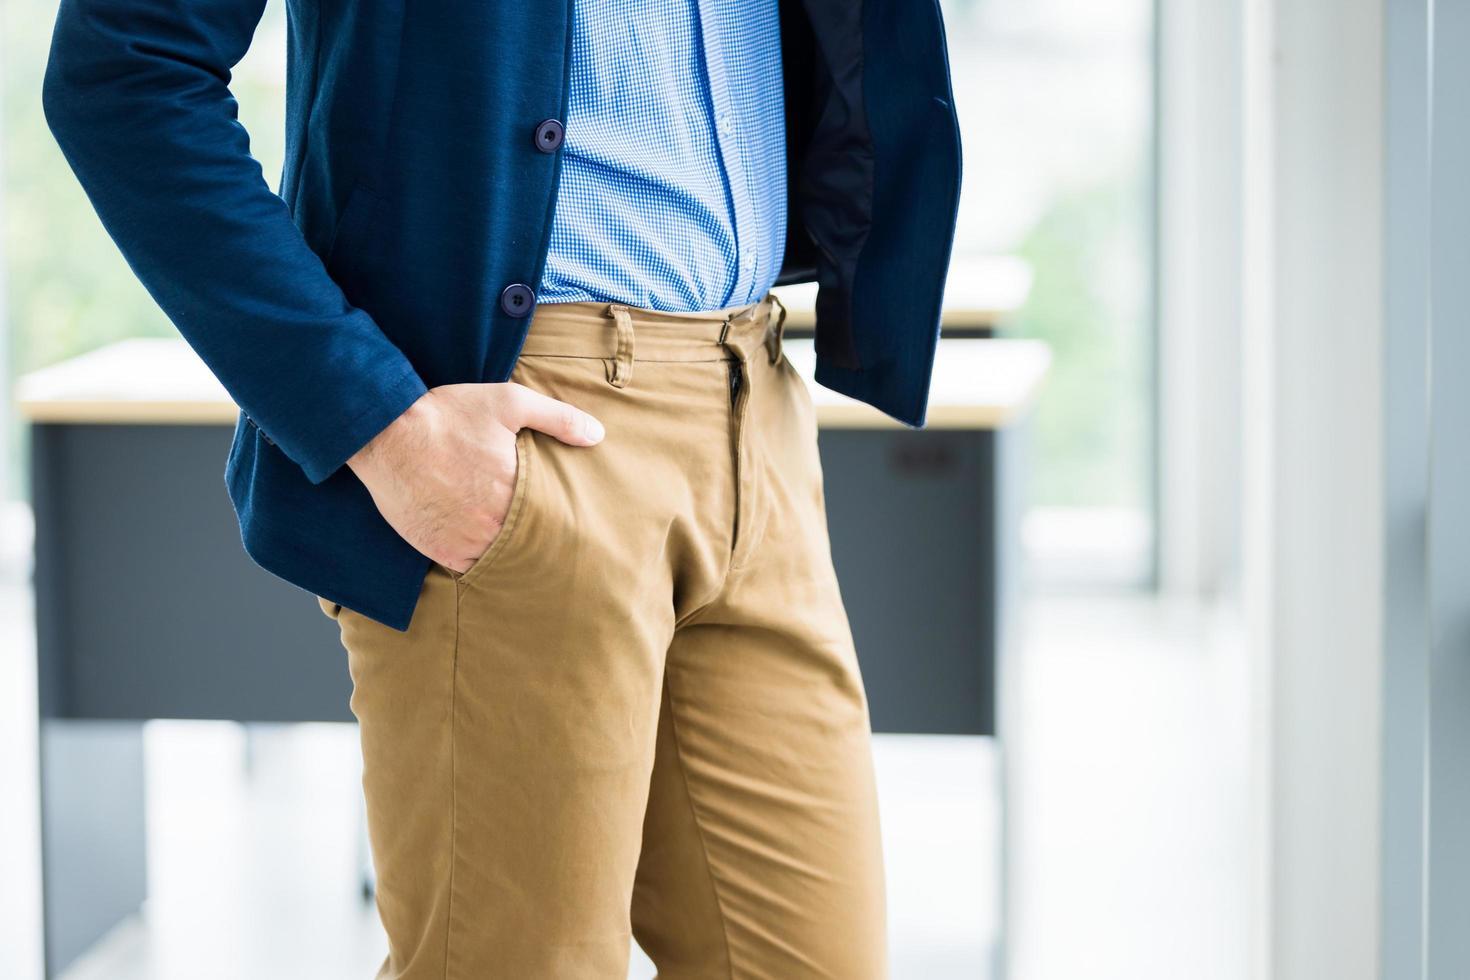 Cerrar imagen de moda de hombre en traje de negocios foto